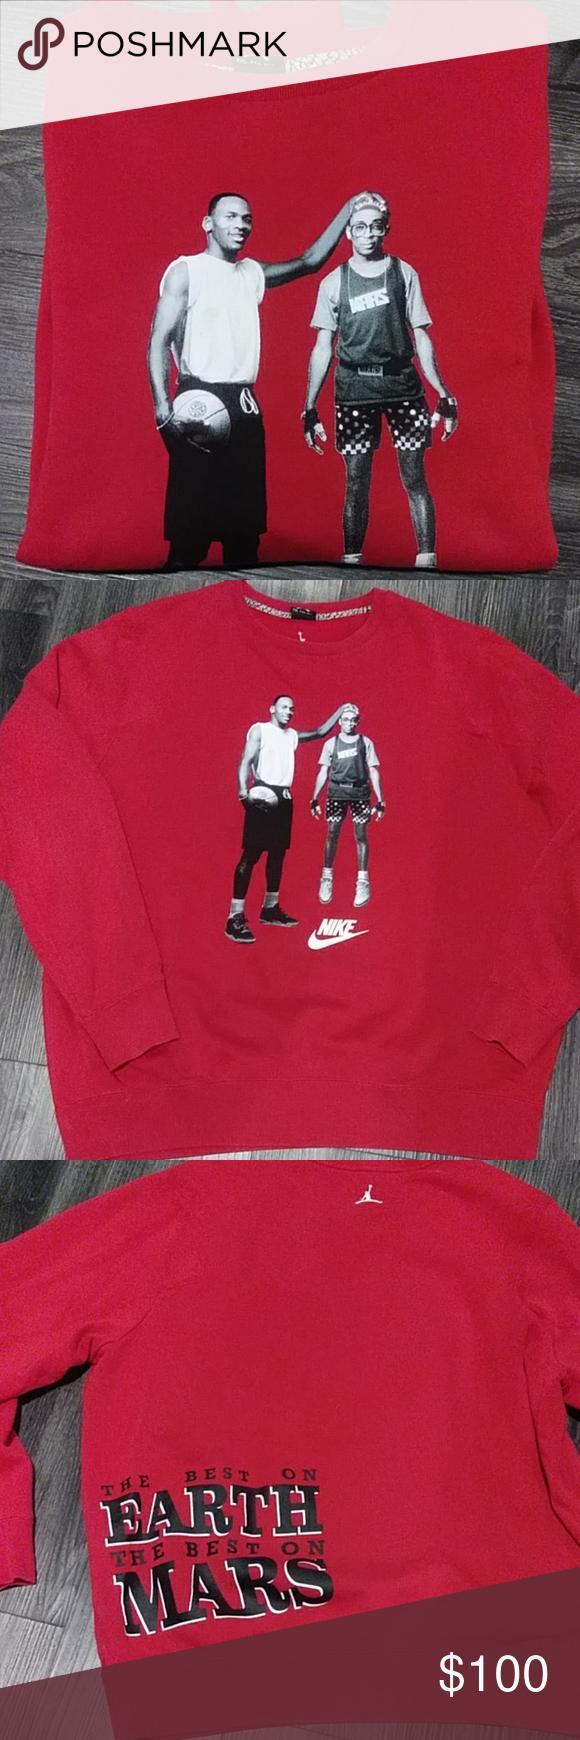 Vintage Michael Jordan Spike Lee Sweatshirt Vintage Sweatshirt Jordan Shirts Jordan Spike [ 1740 x 580 Pixel ]